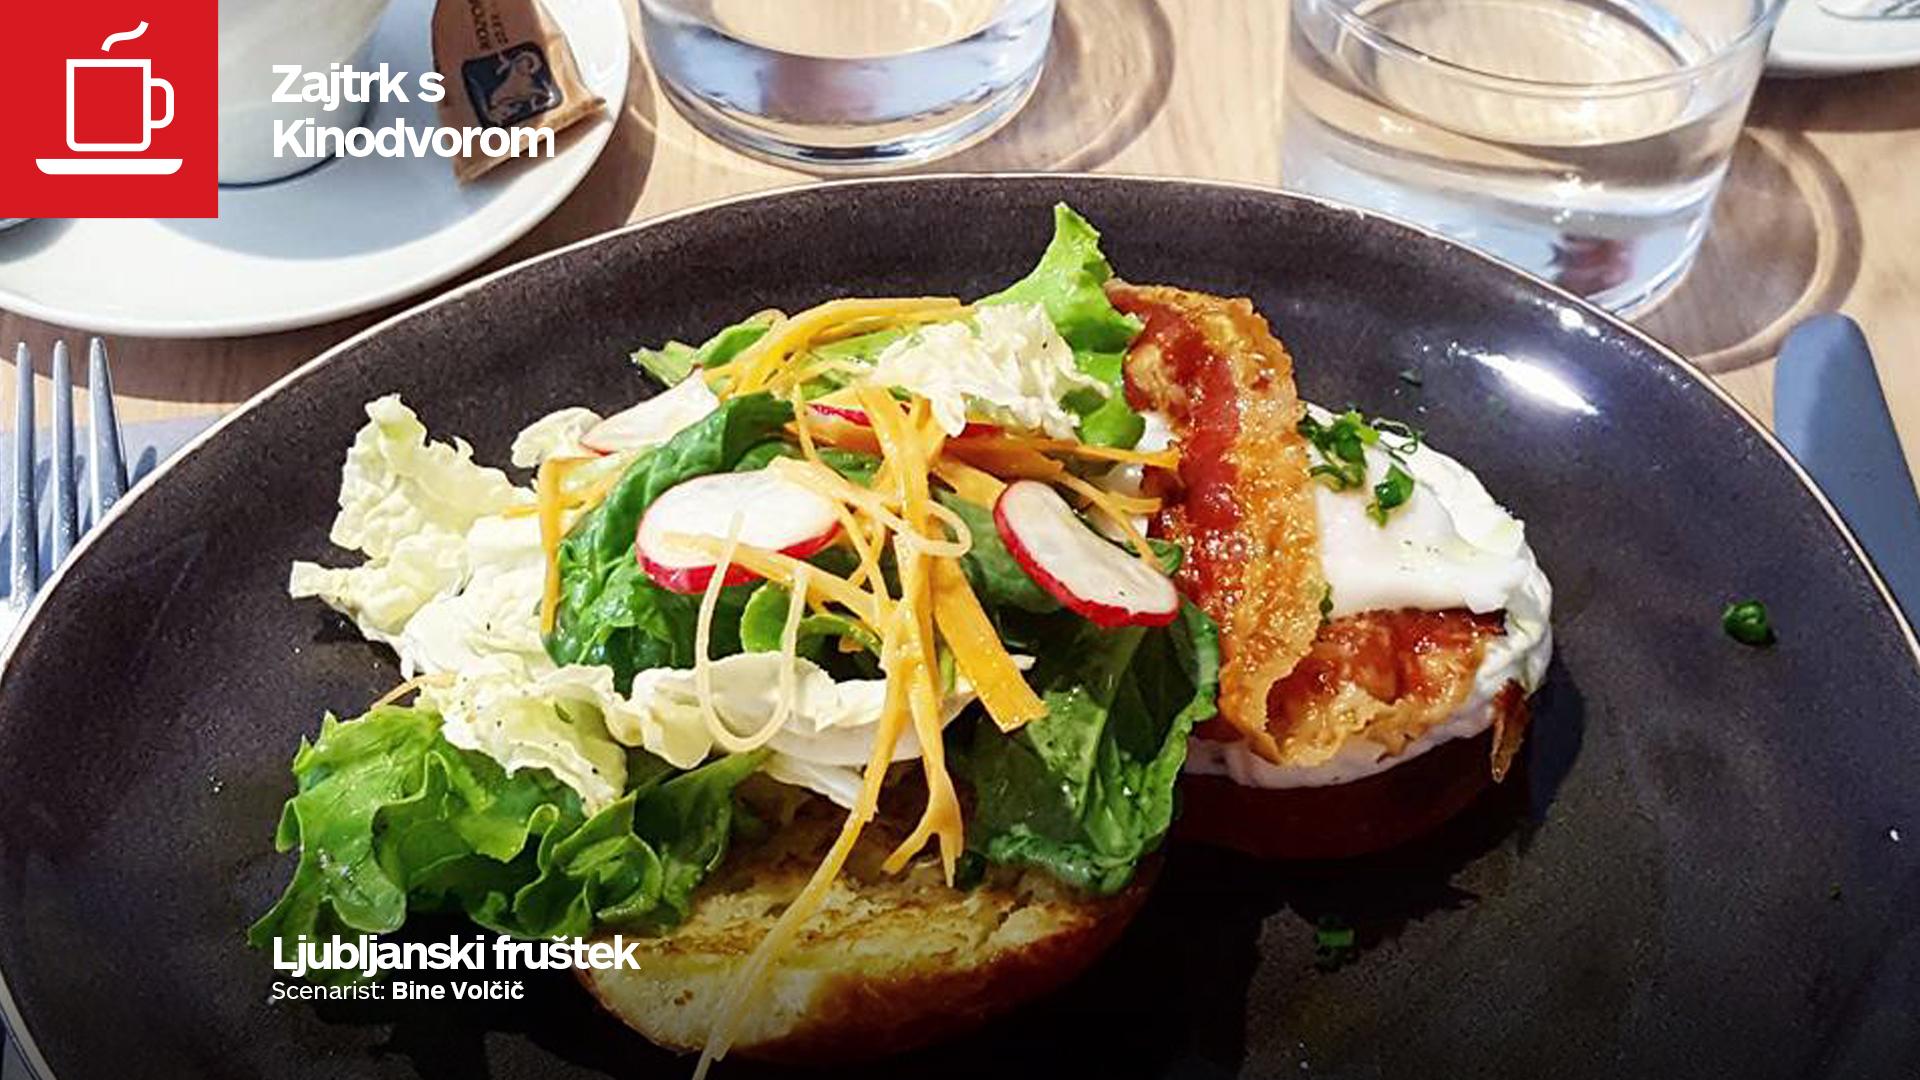 Zajtrk s Kinodvorom: Ljubljanski fruštek